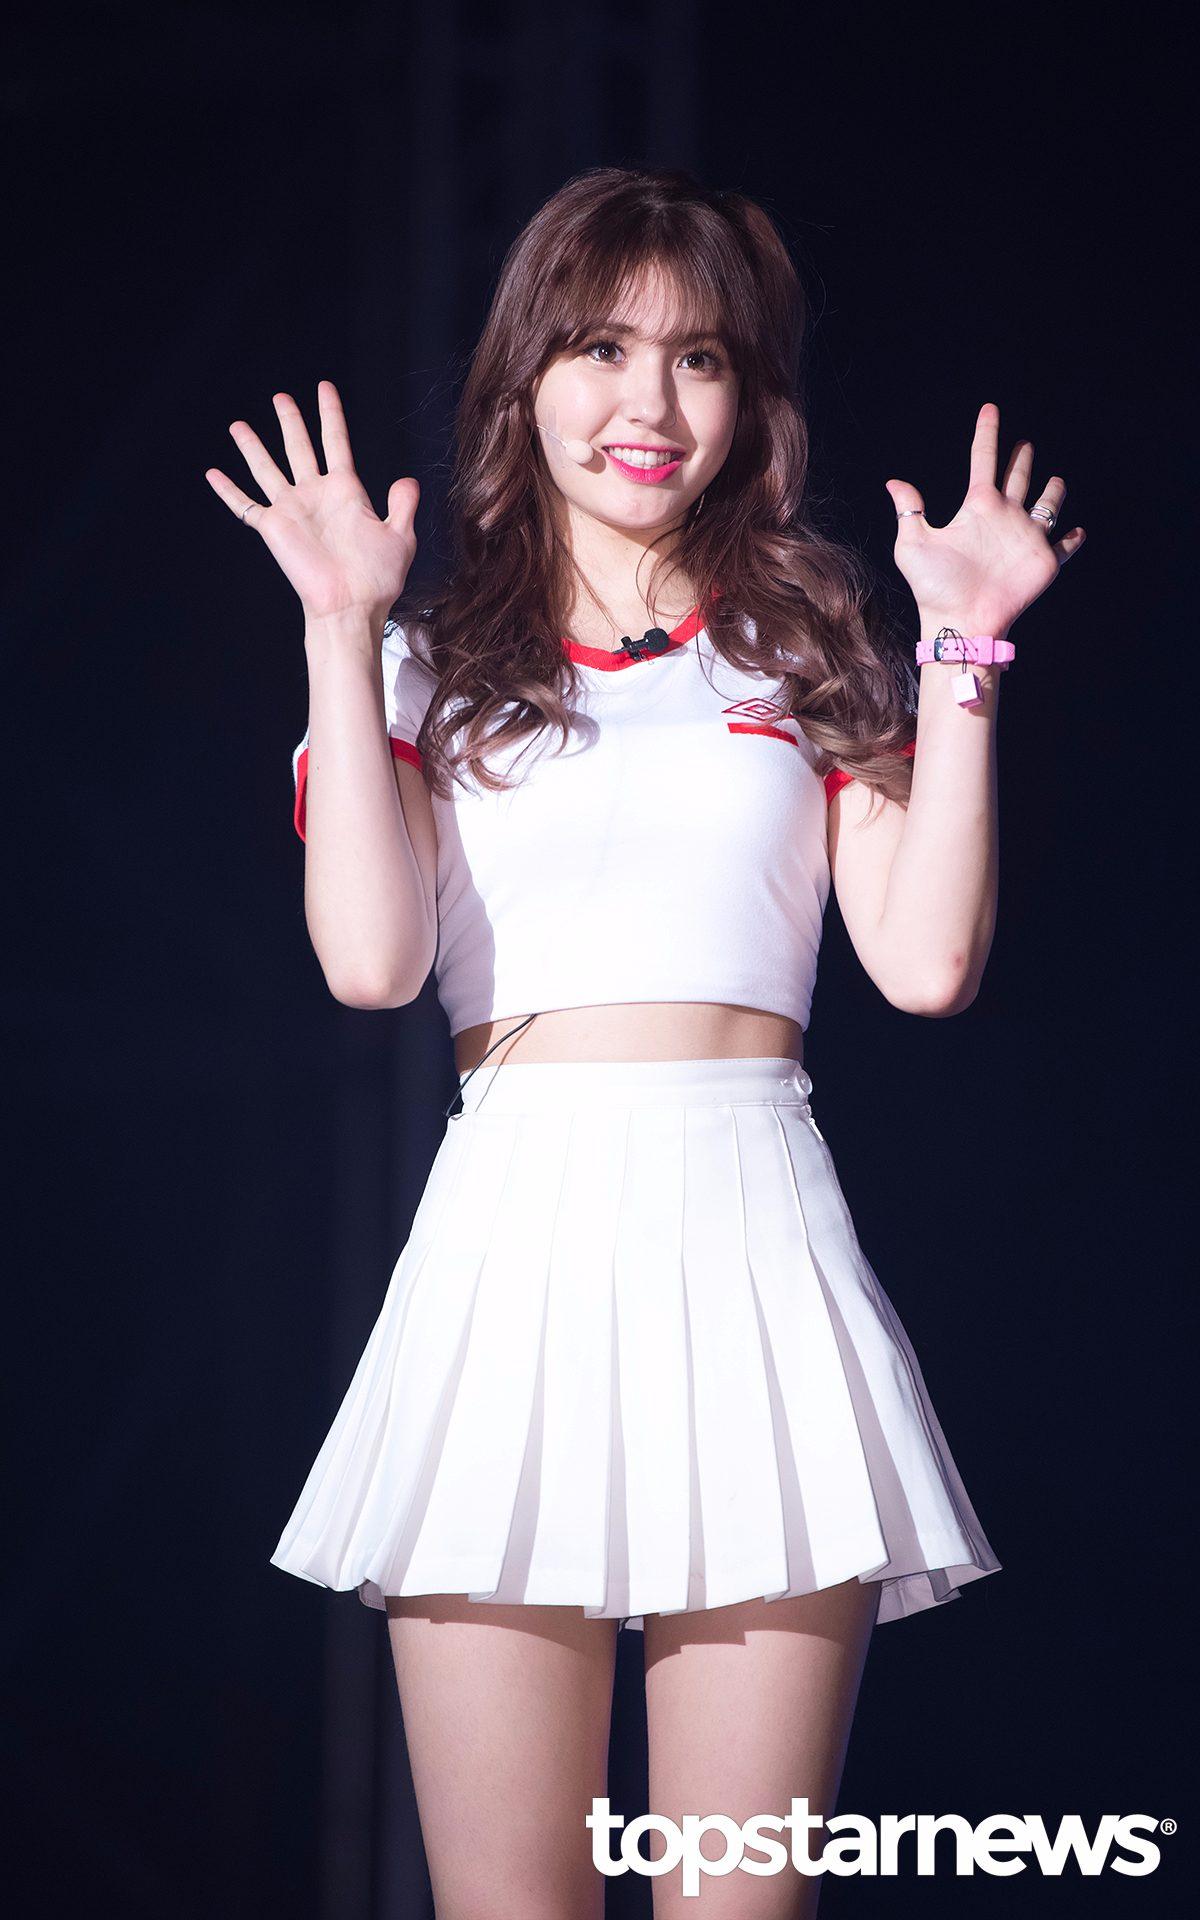 混血兒才會有這種苦惱啊~希望Somi不要太傷心,亞洲人沒有所以才羨慕妳的啦~